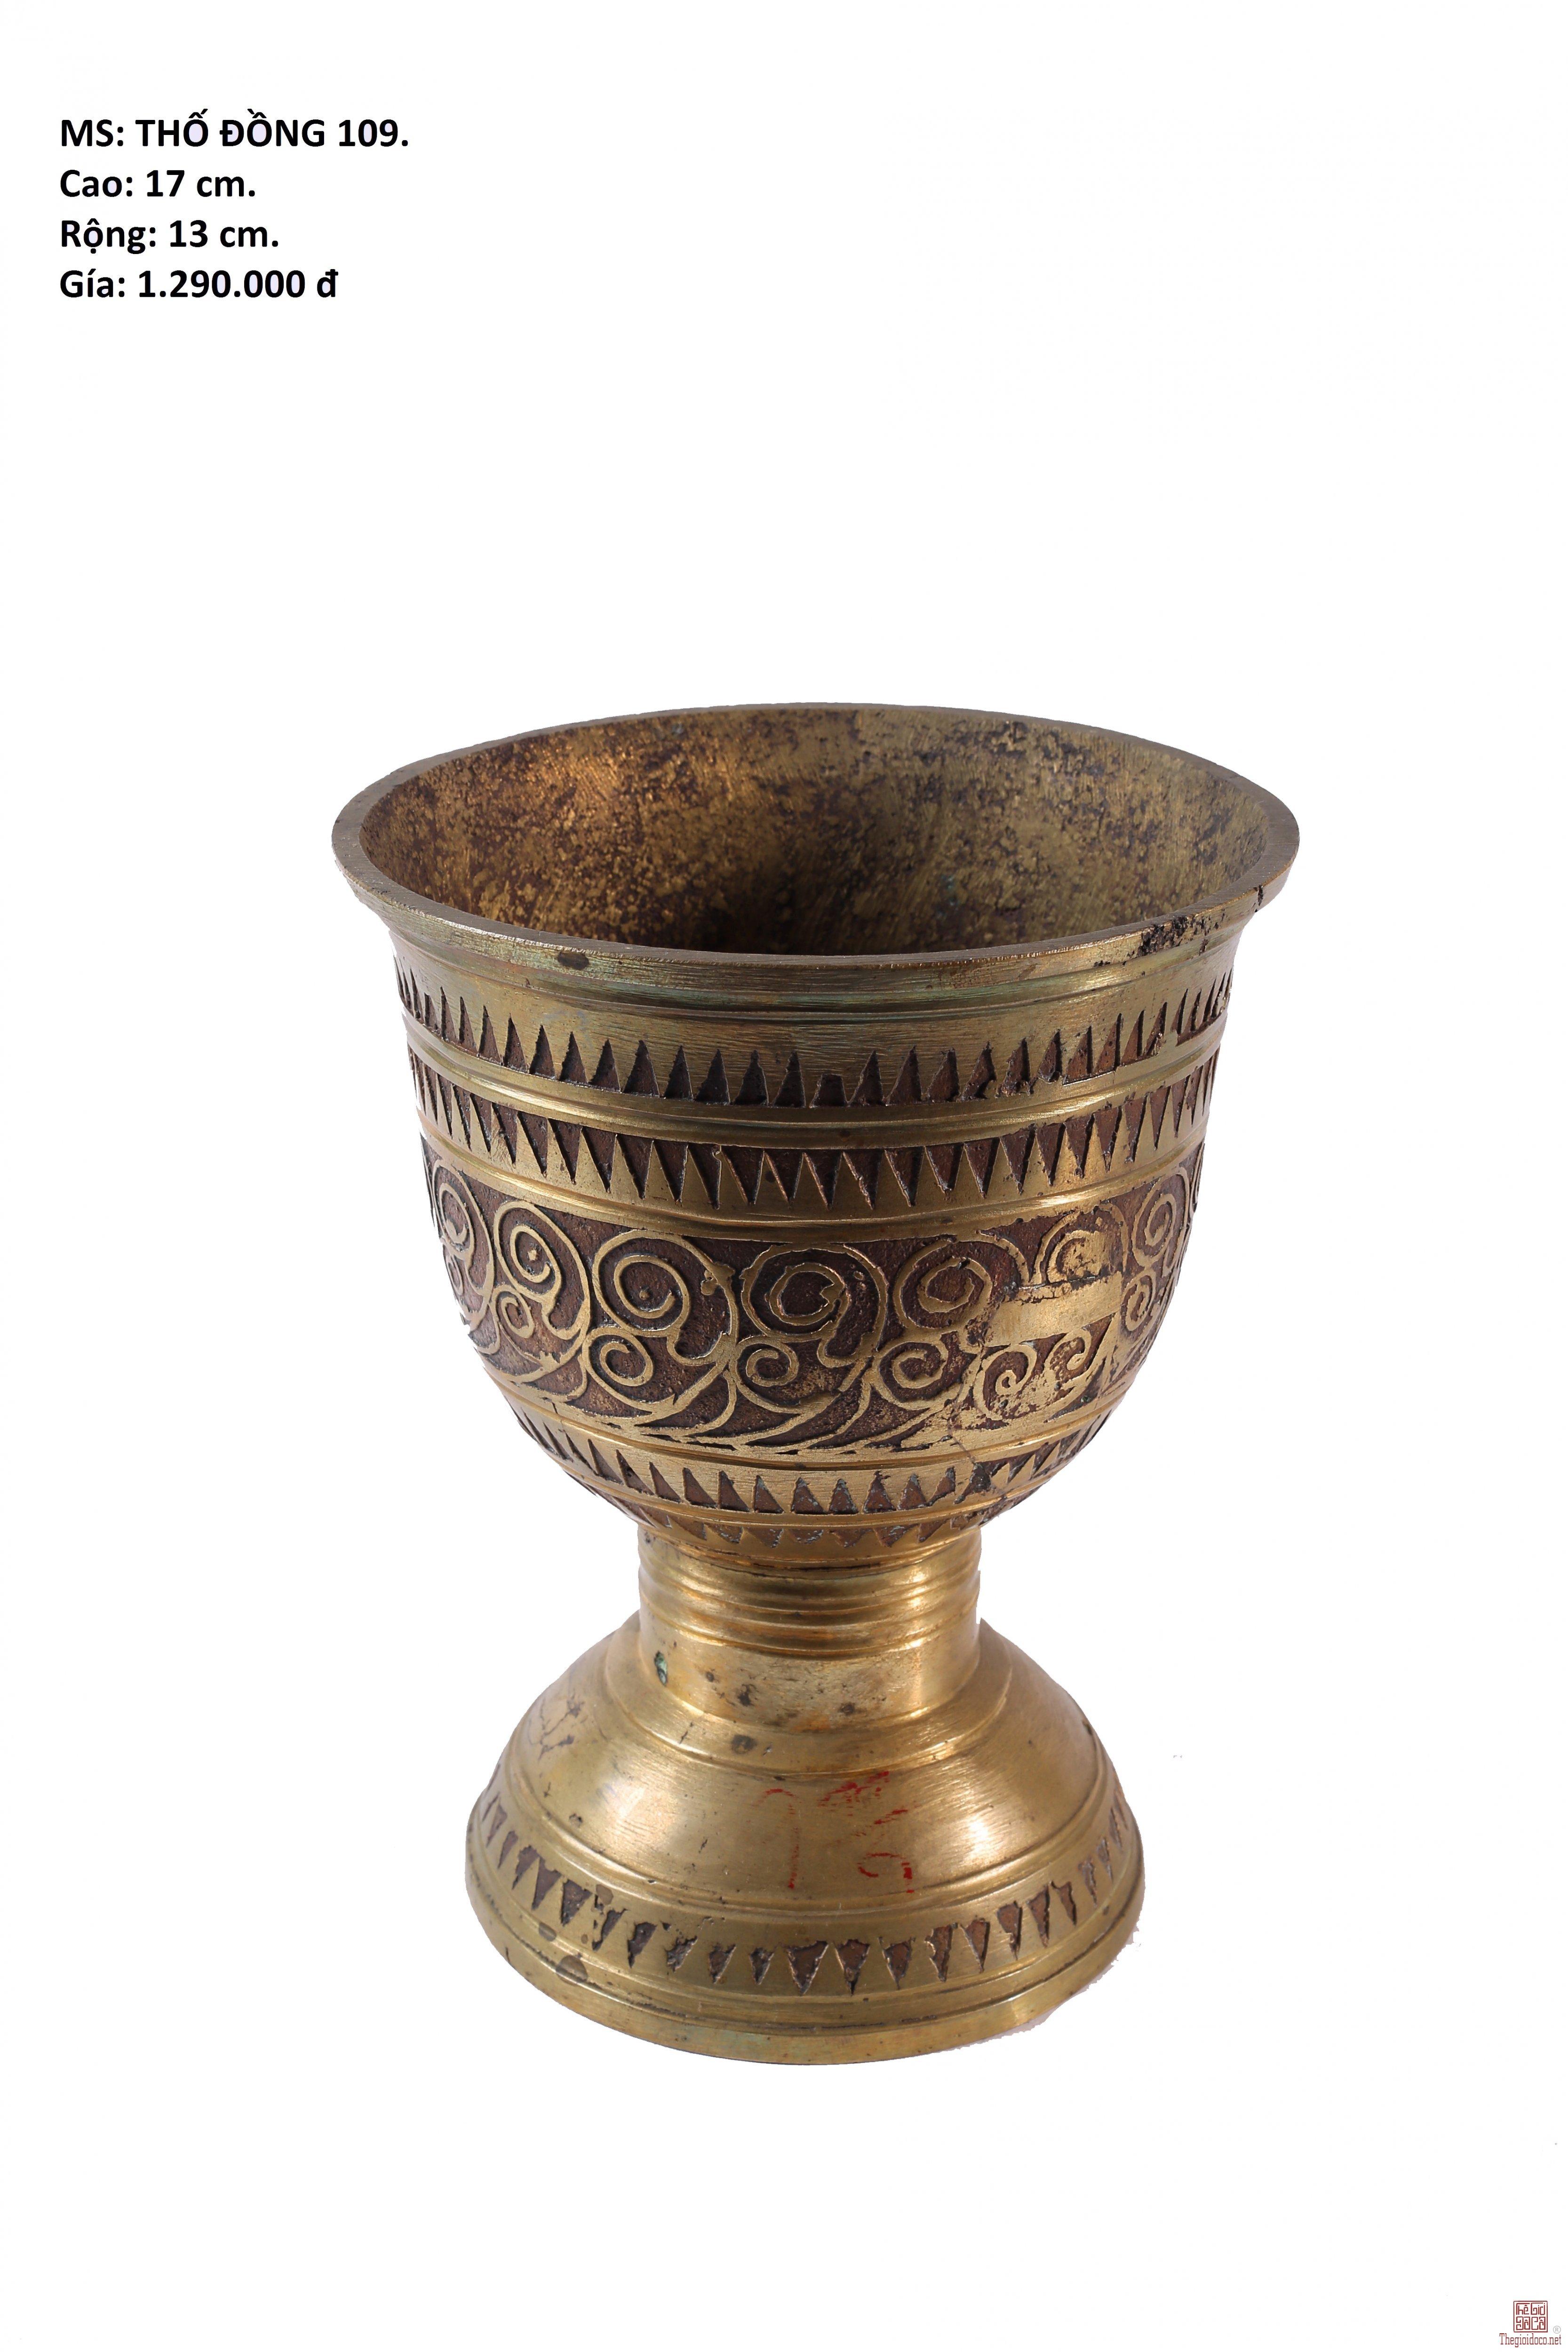 Cặp bình và hủ đồng cổ của INDIA